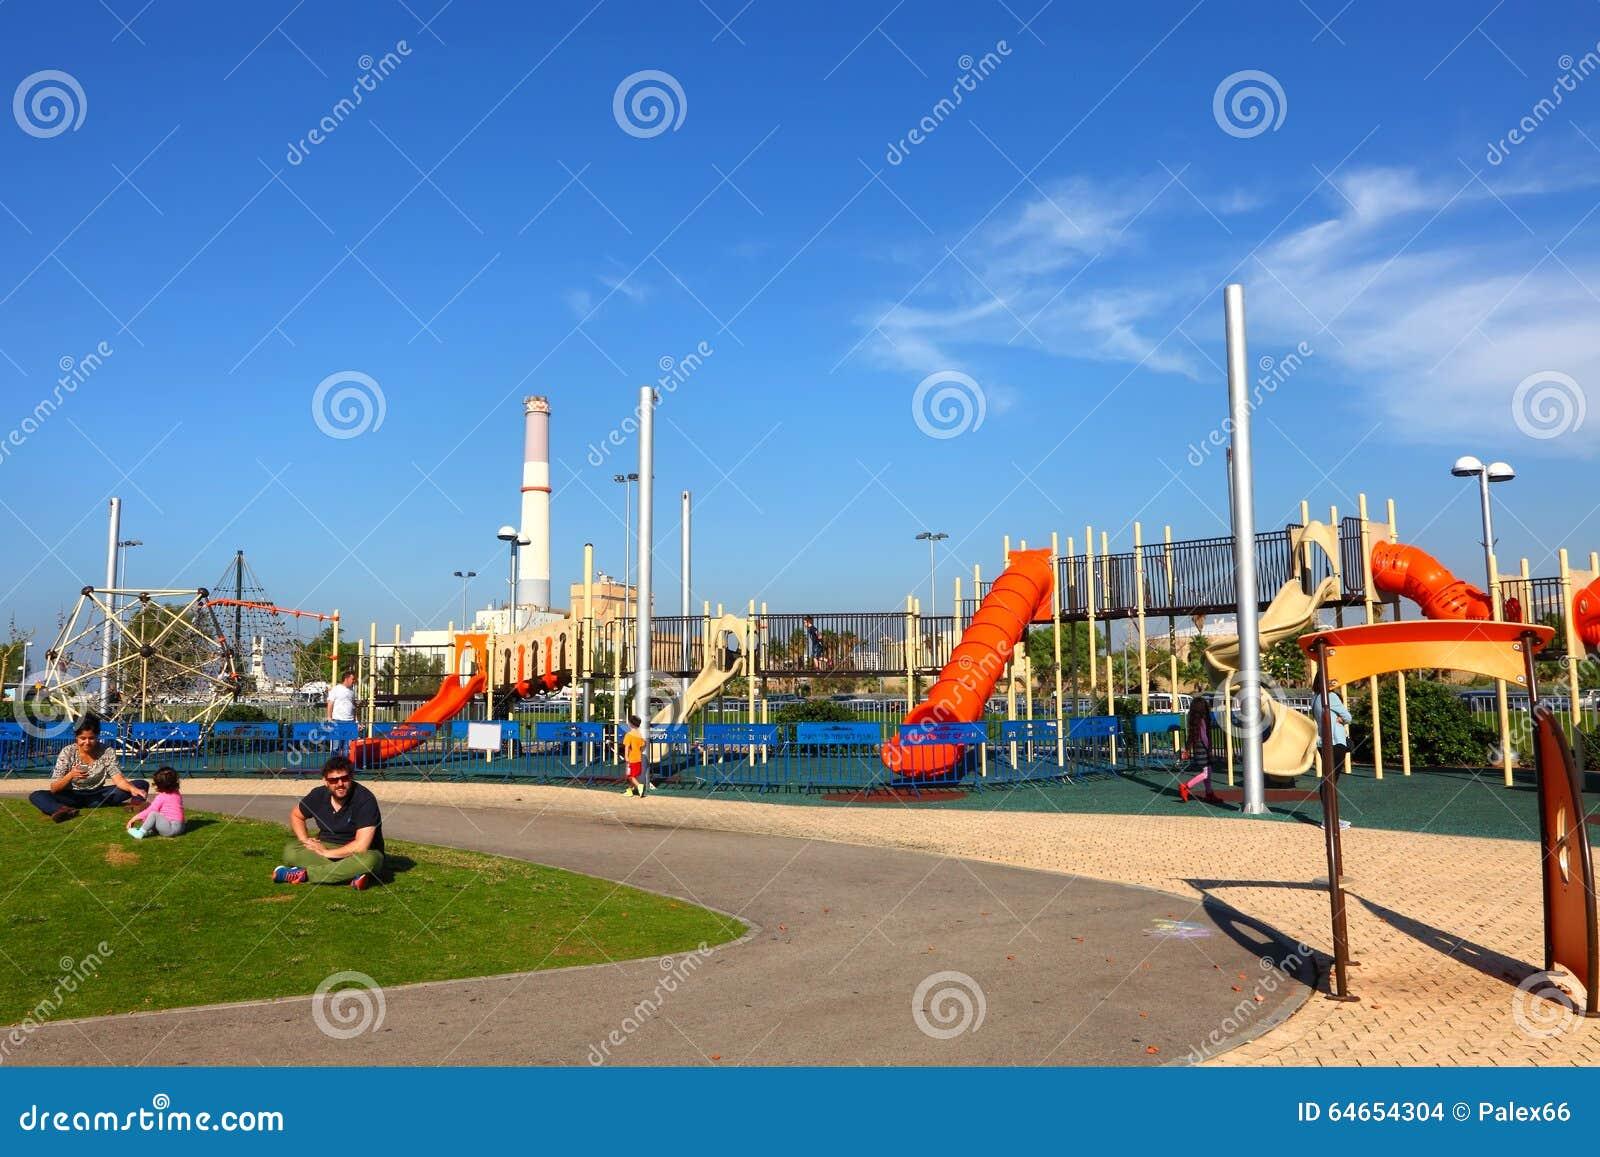 TEL AVIV,ISRAEL,NOVEMBER 20,2015: Playground on New embankment of Tel Aviv (in the past - Port of Tel Aviv).